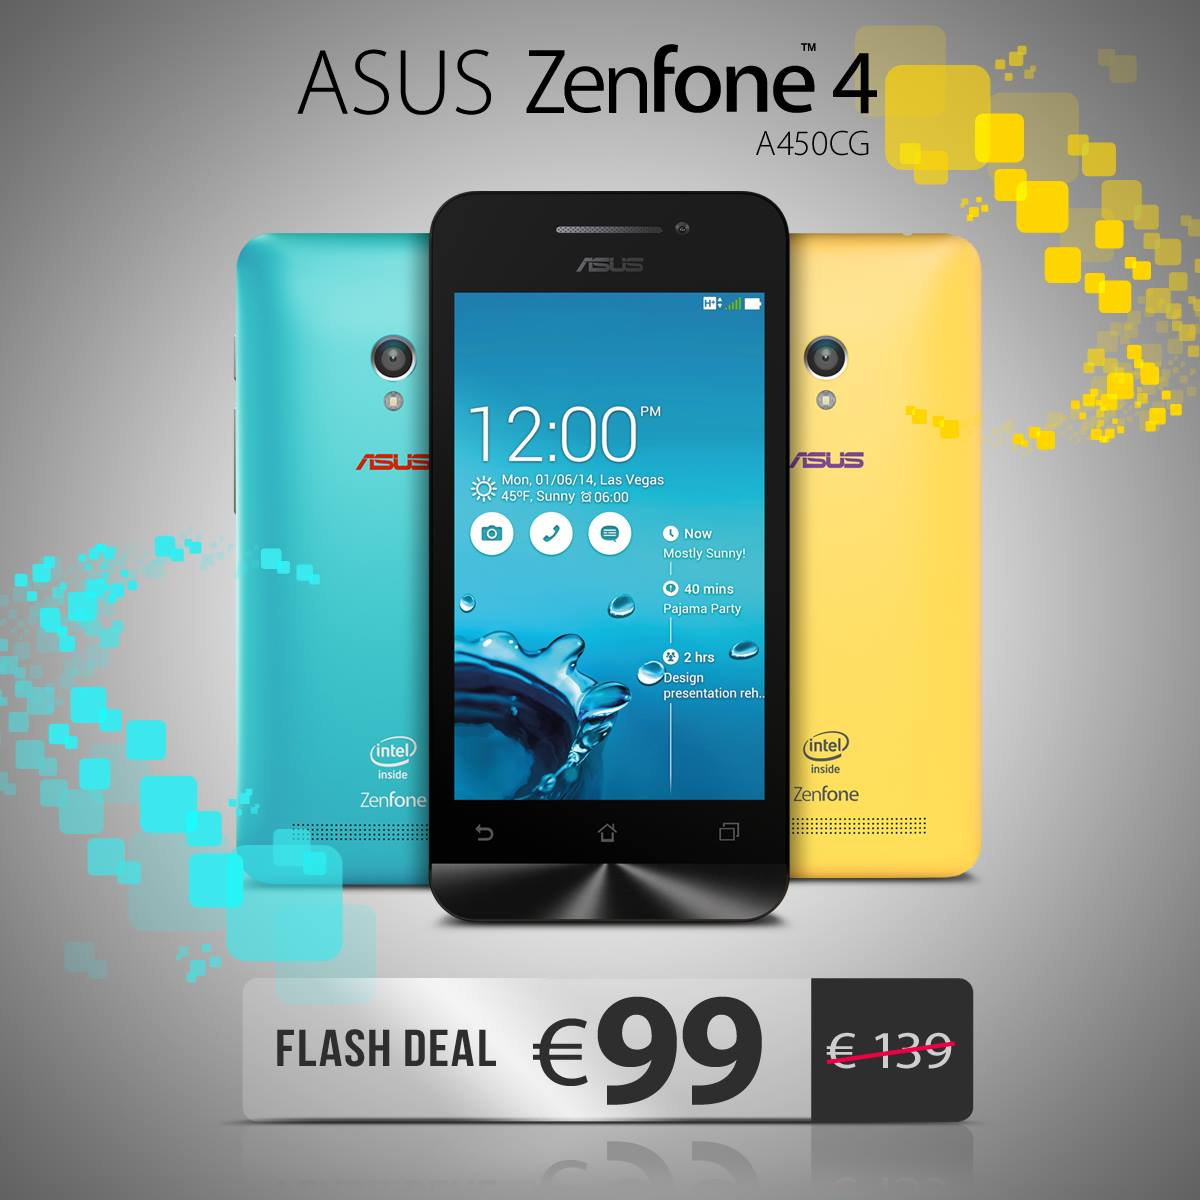 Offerta ASUS su ZenFone 4: a 99€ solo per oggi